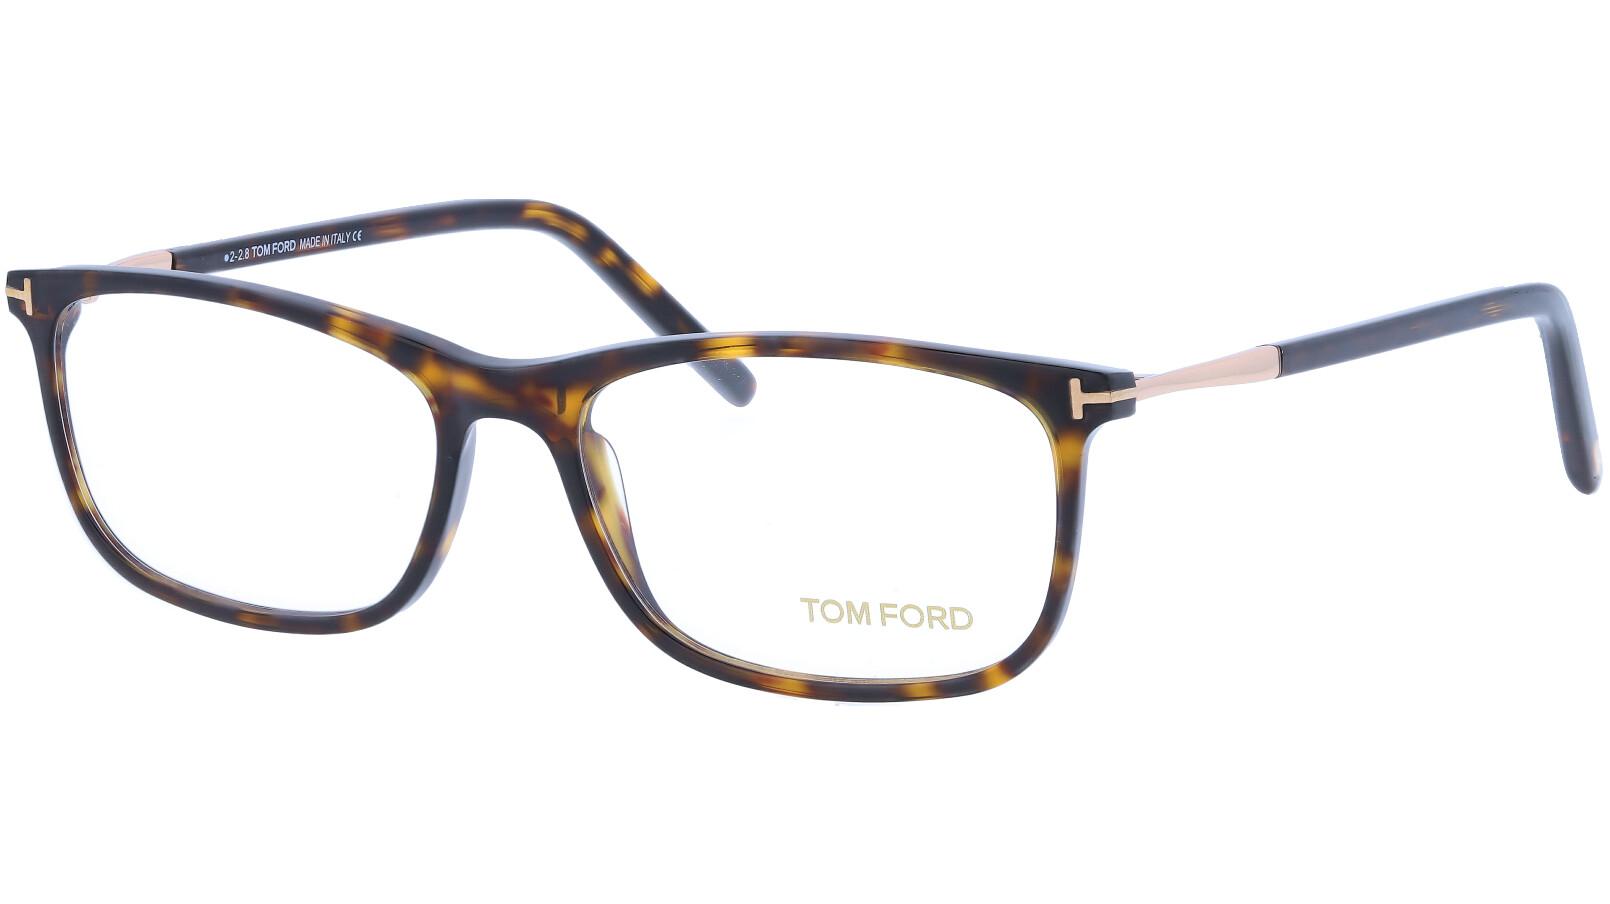 Tom Ford TF5398 052 55 Havana Glasses